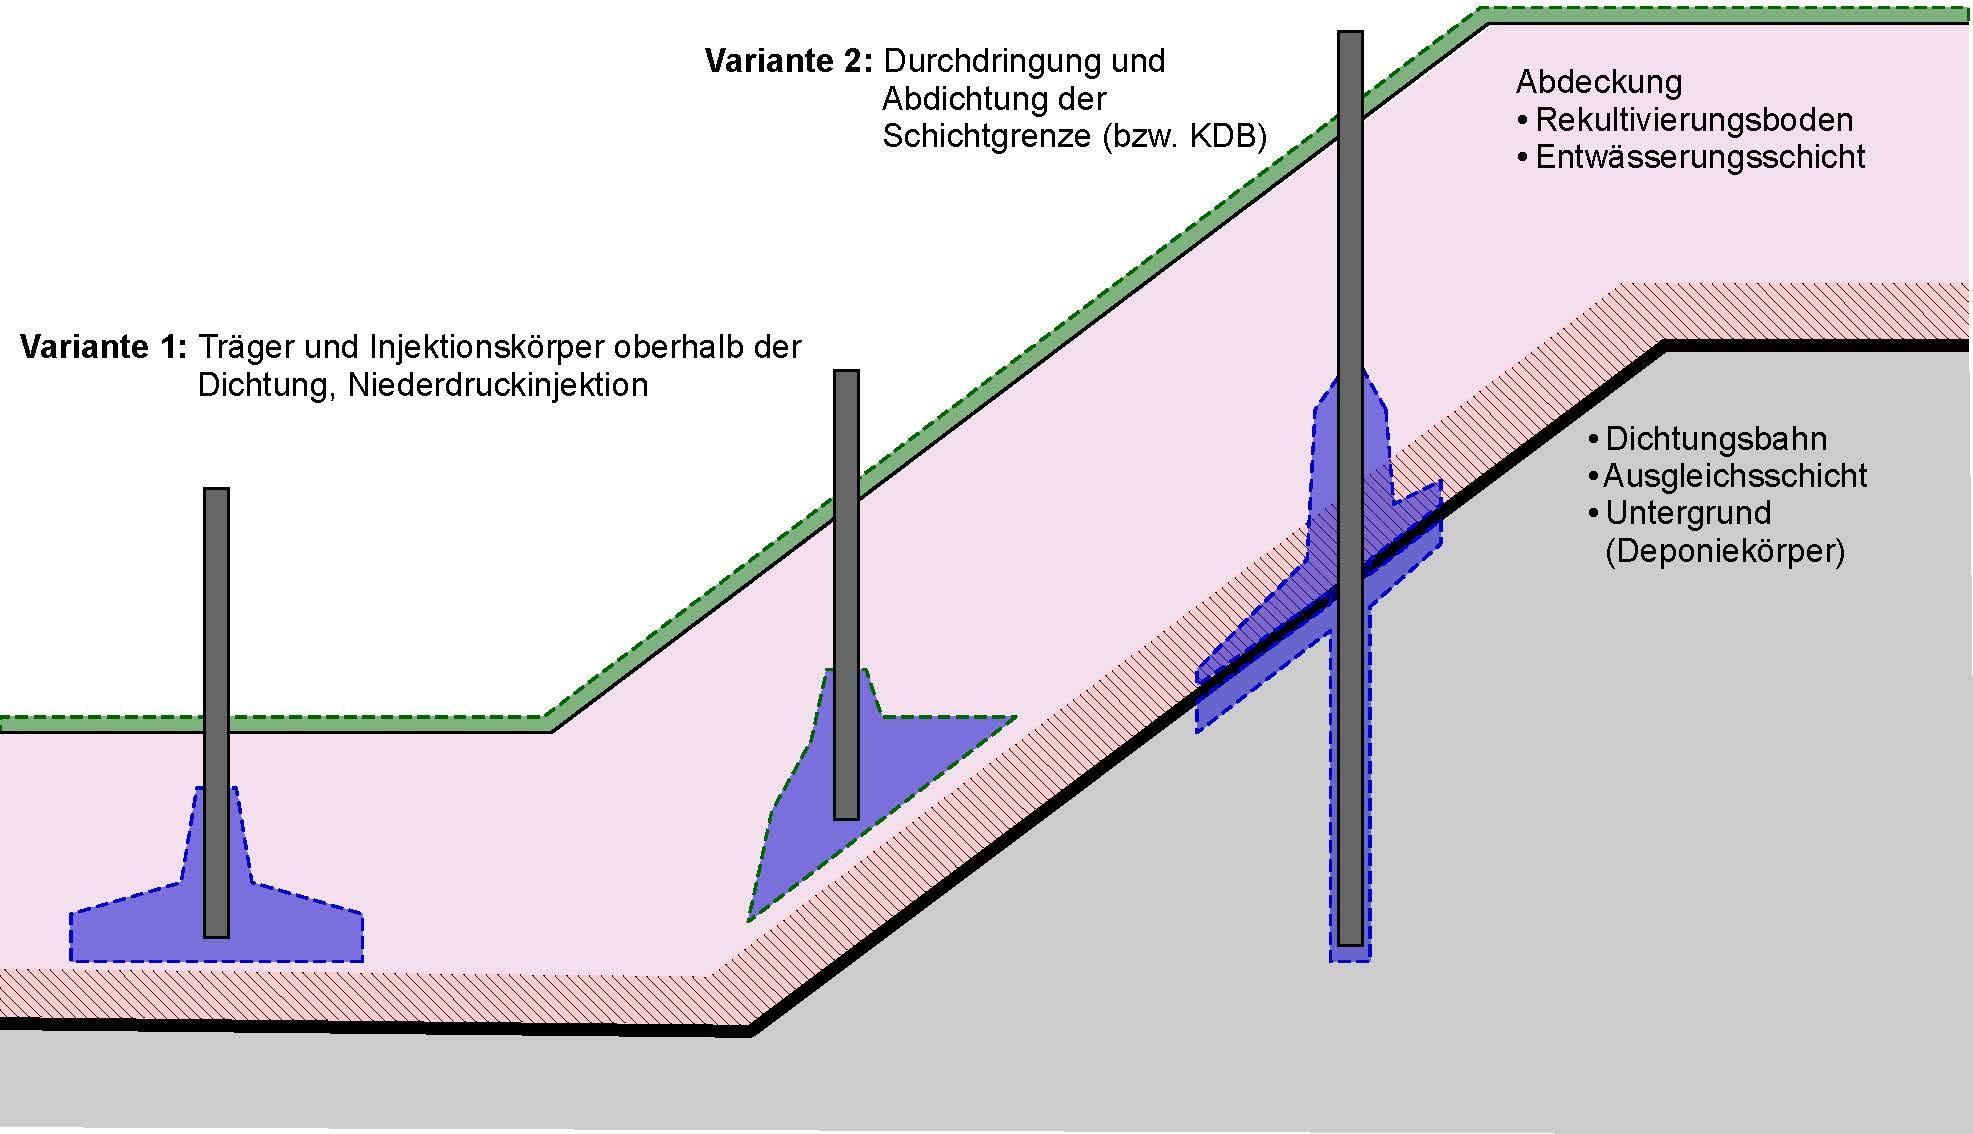 Kombinierte Fundament-Injektions-Gründungselemente für flache Einzelgründungen im Bereich von Schichtgrenzen